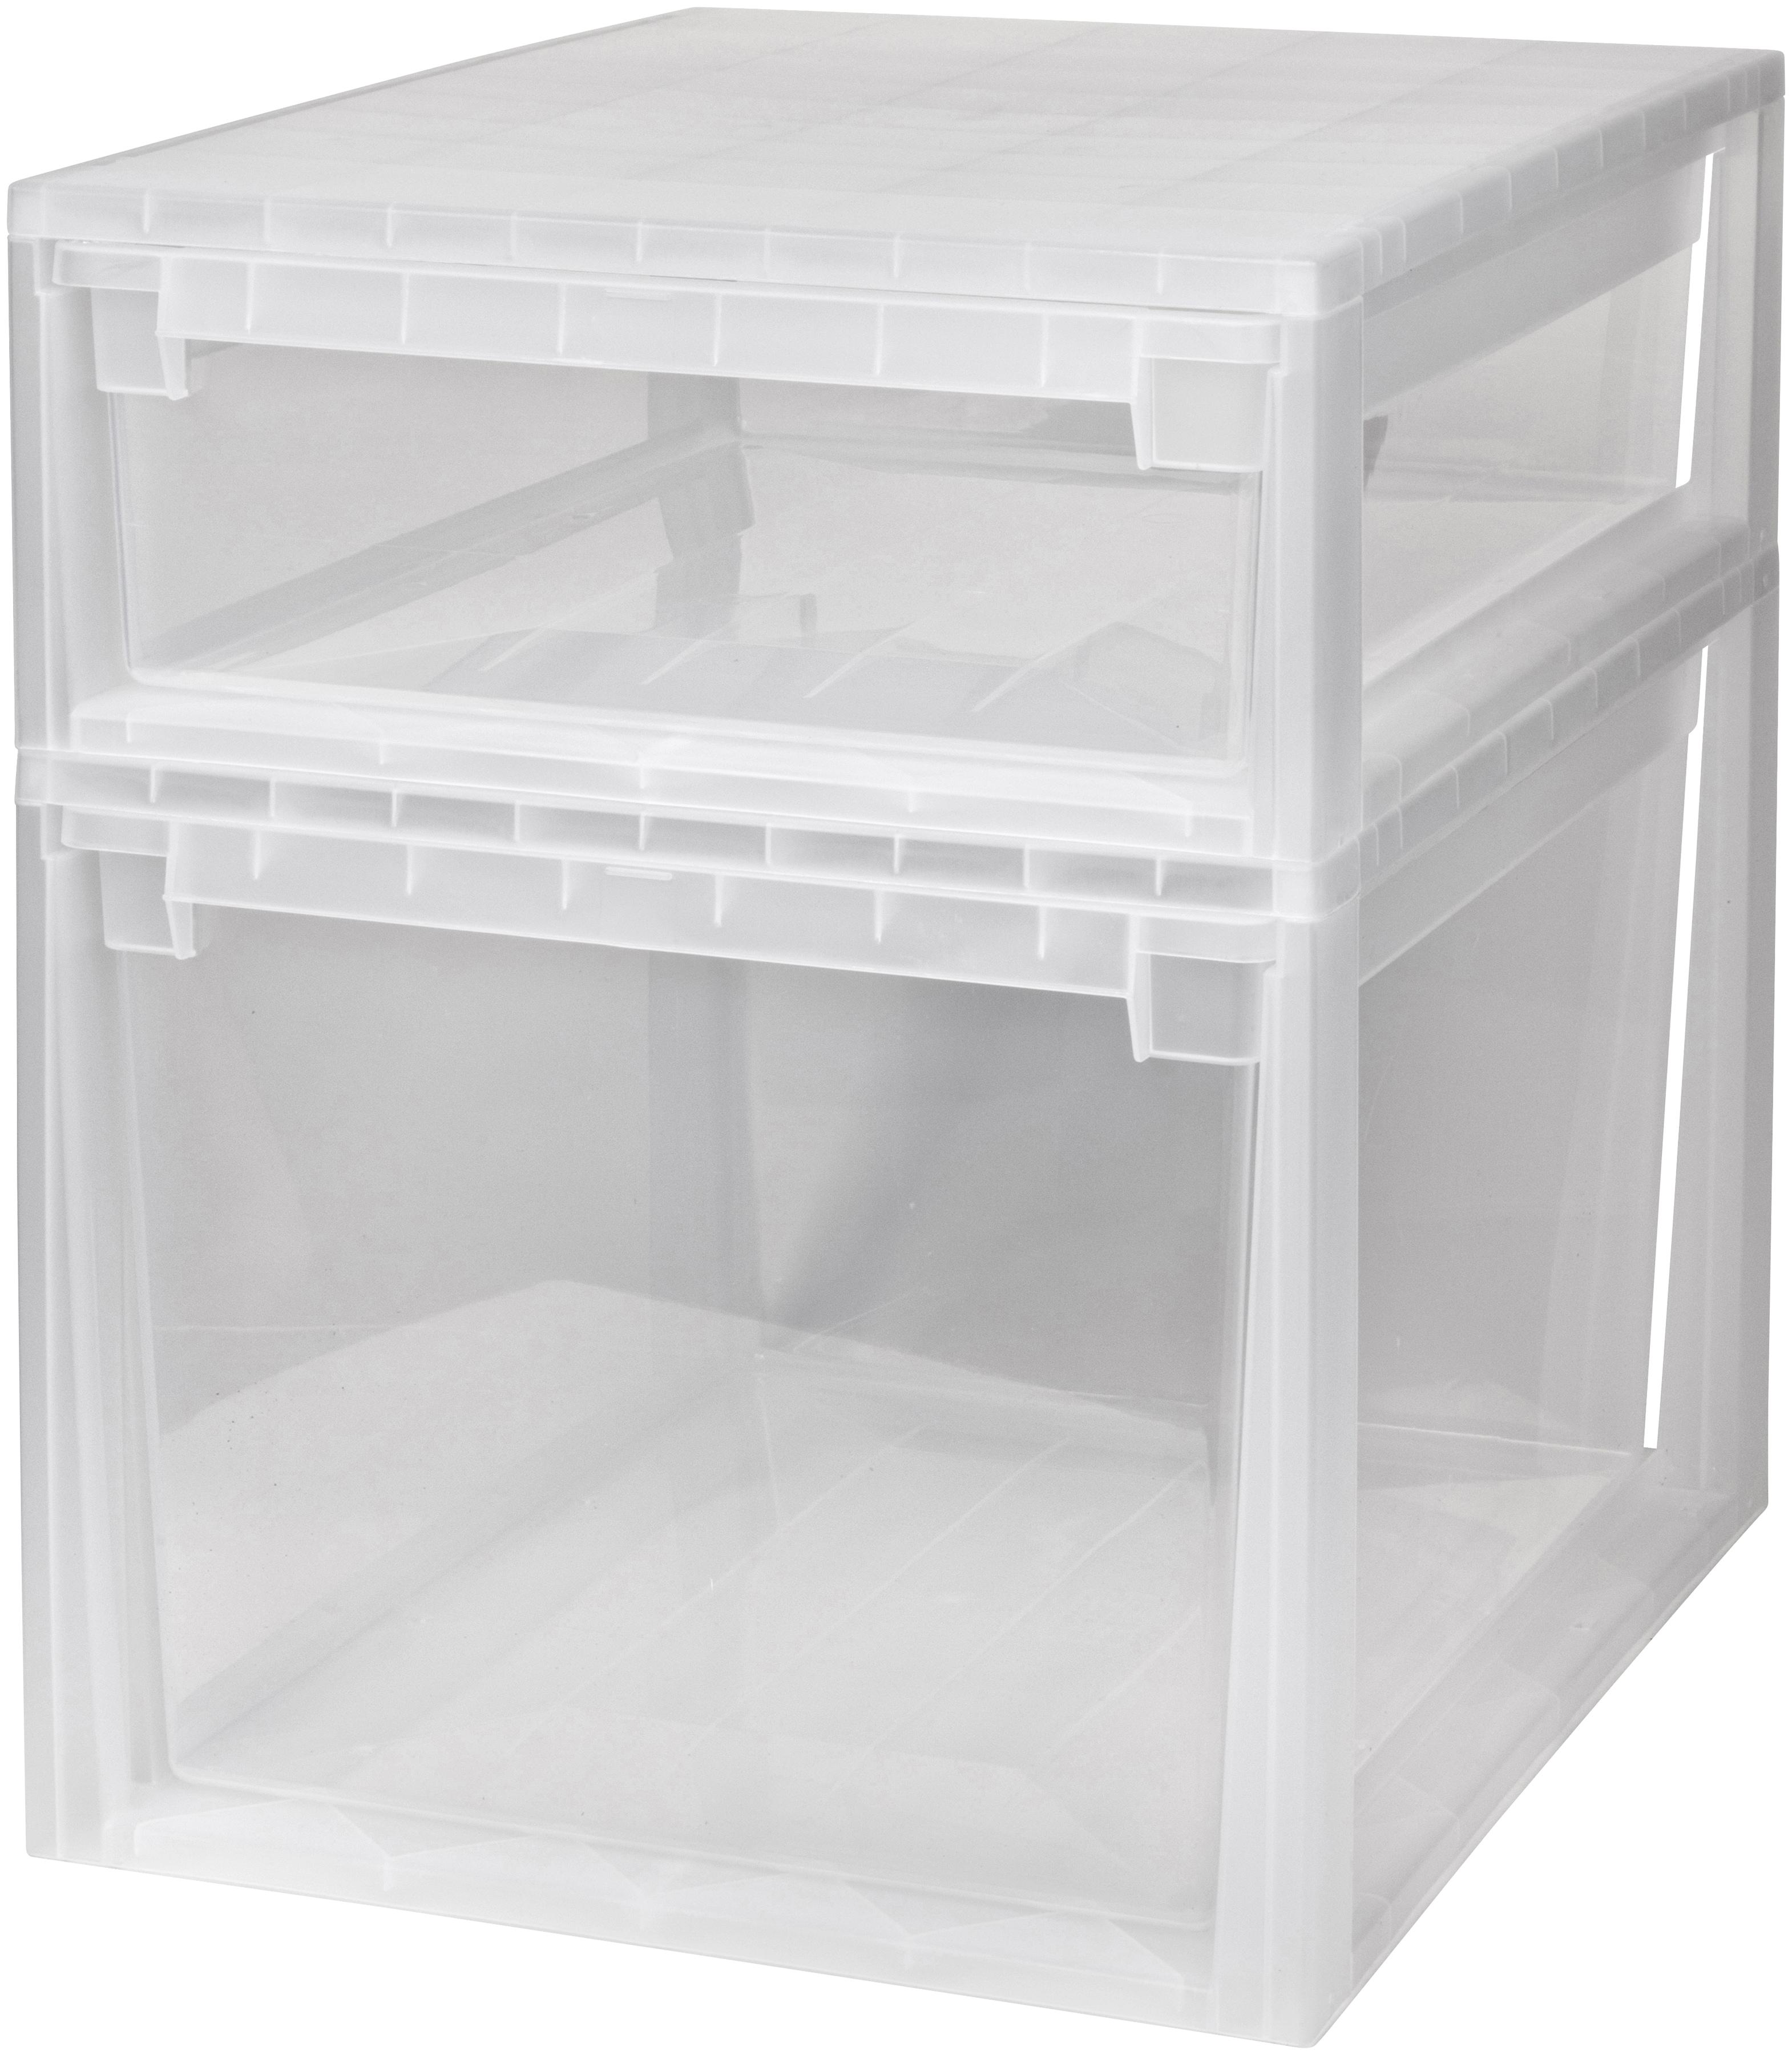 Kreher Aufbewahrungsbox, (Set, 2 St.) farblos Kleideraufbewahrung Aufbewahrung Ordnung Wohnaccessoires Aufbewahrungsbox